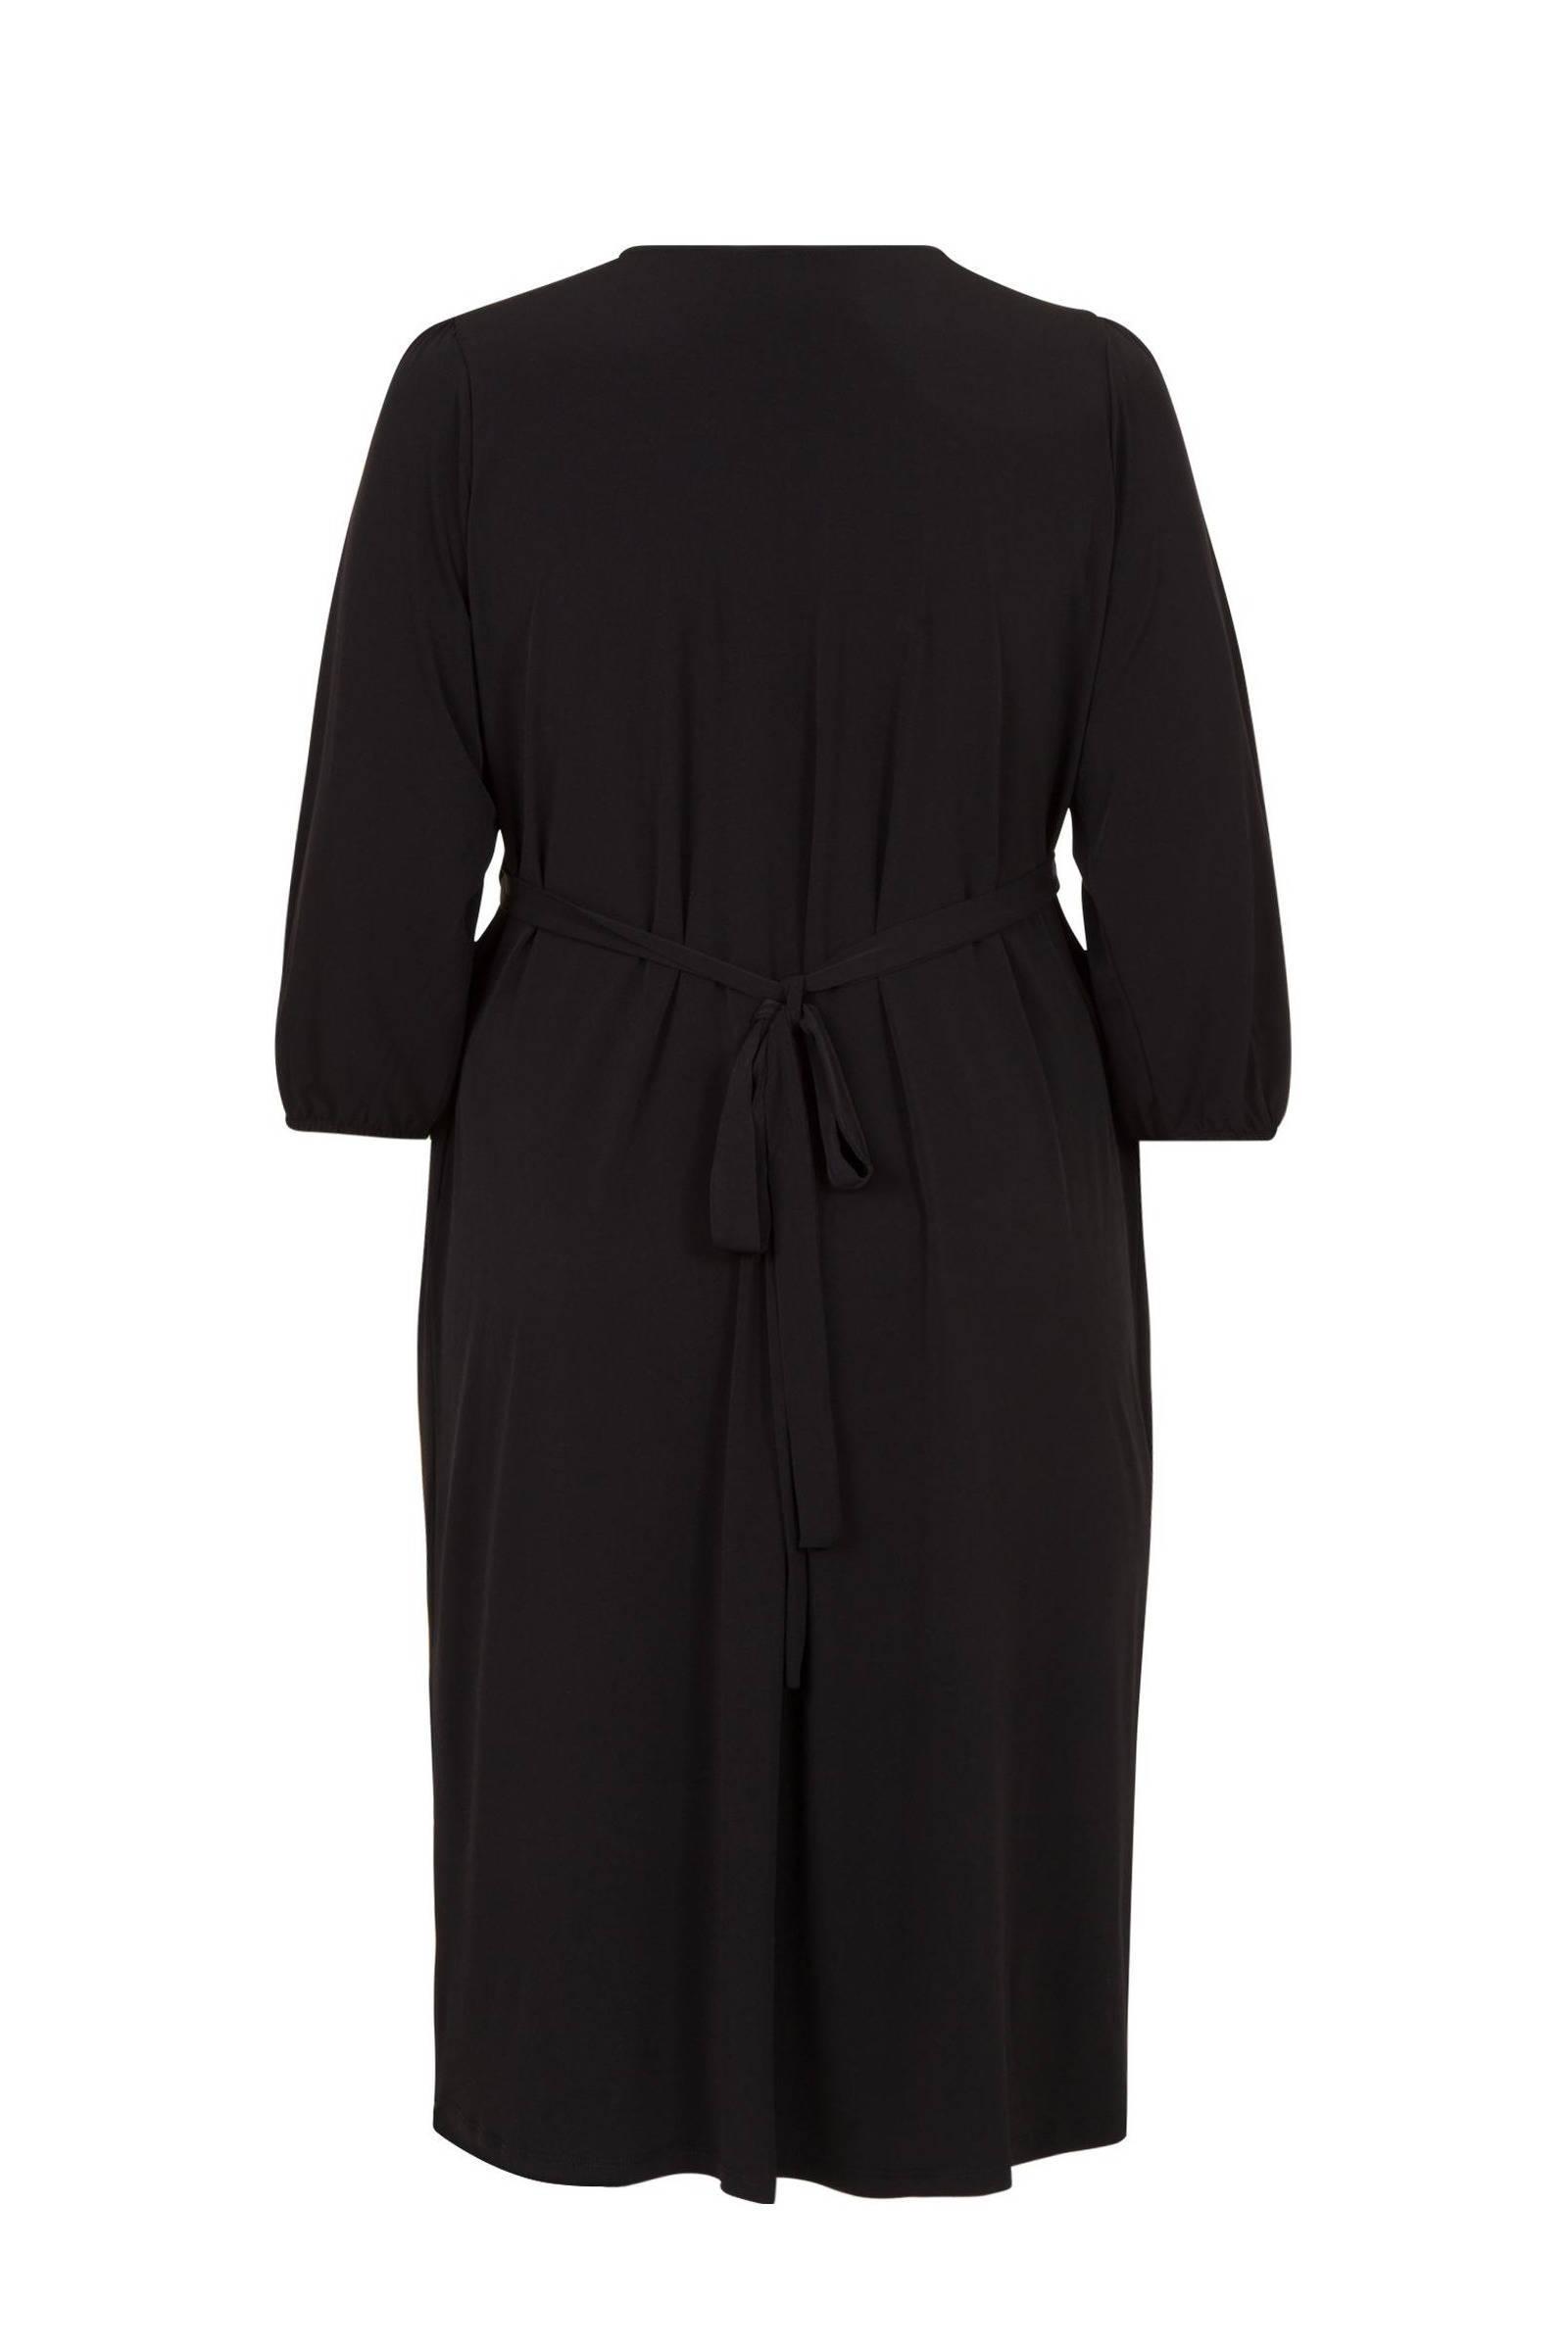 Miss Etam Plus jersey jurk en plooien zwart